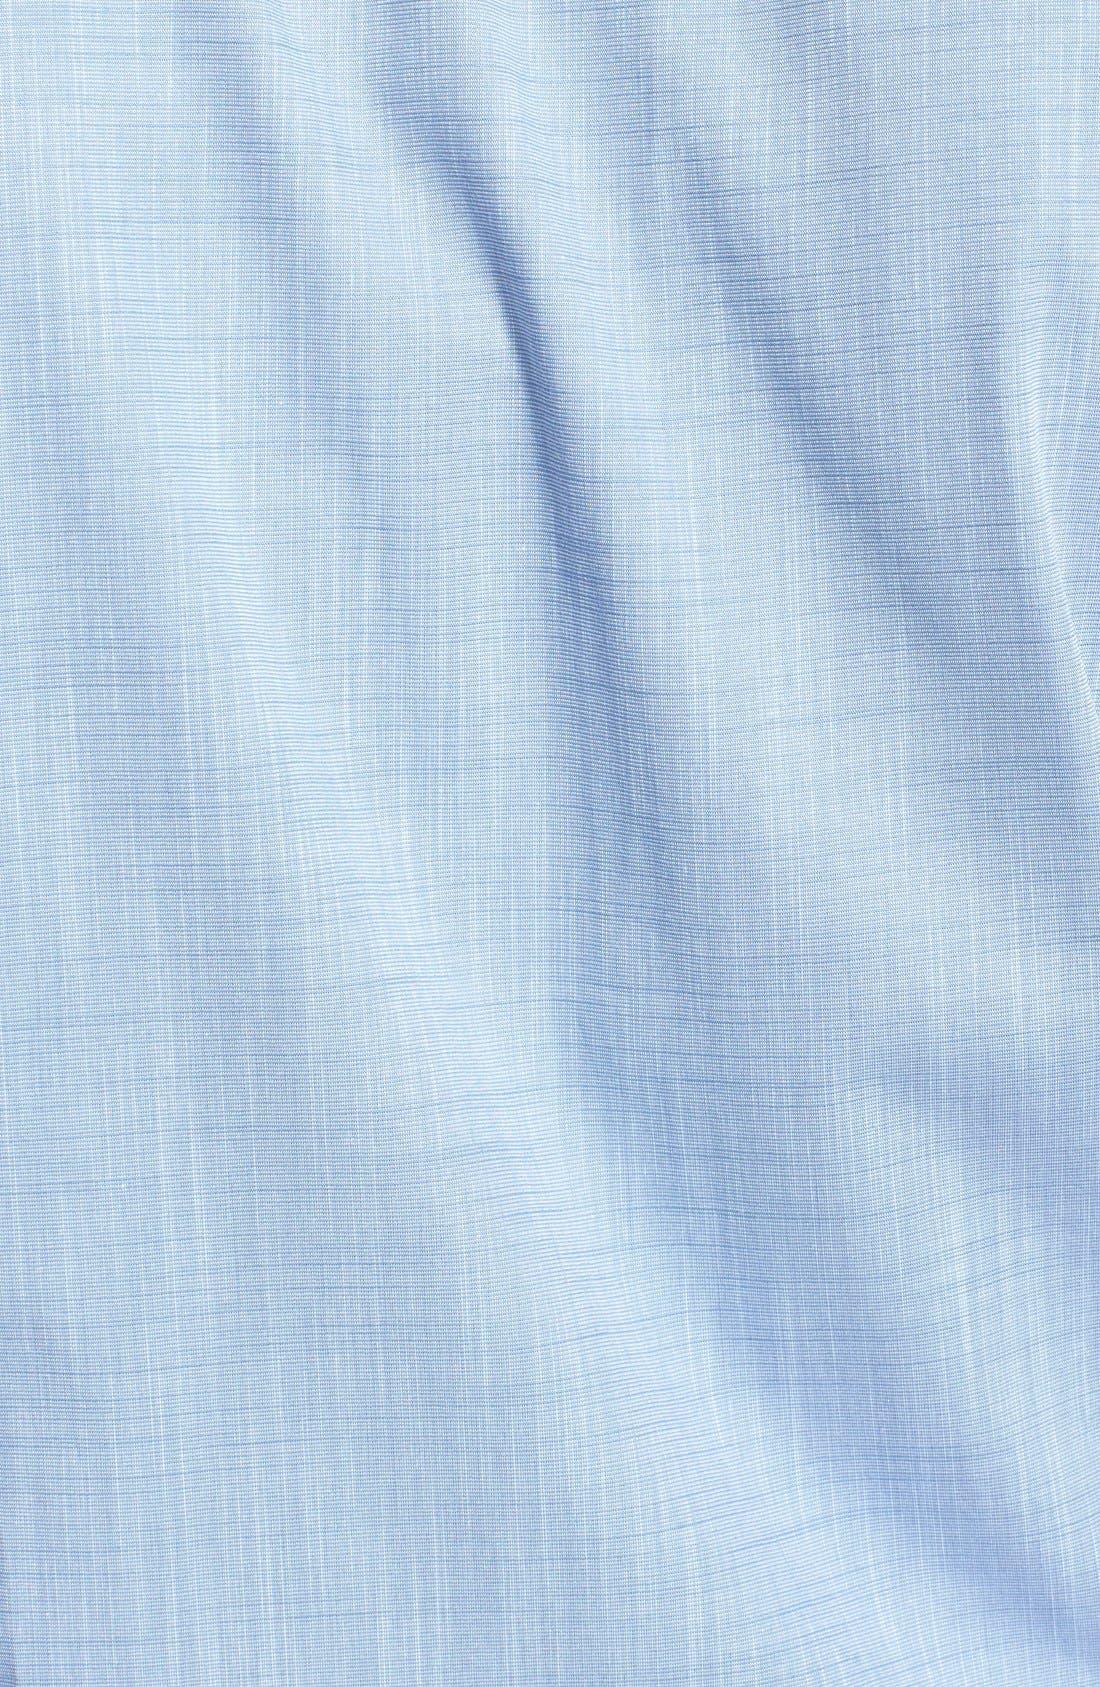 Alternate Image 3  - Cutter & Buck 'Meadows' Oxford Sport Shirt (Big & Tall)